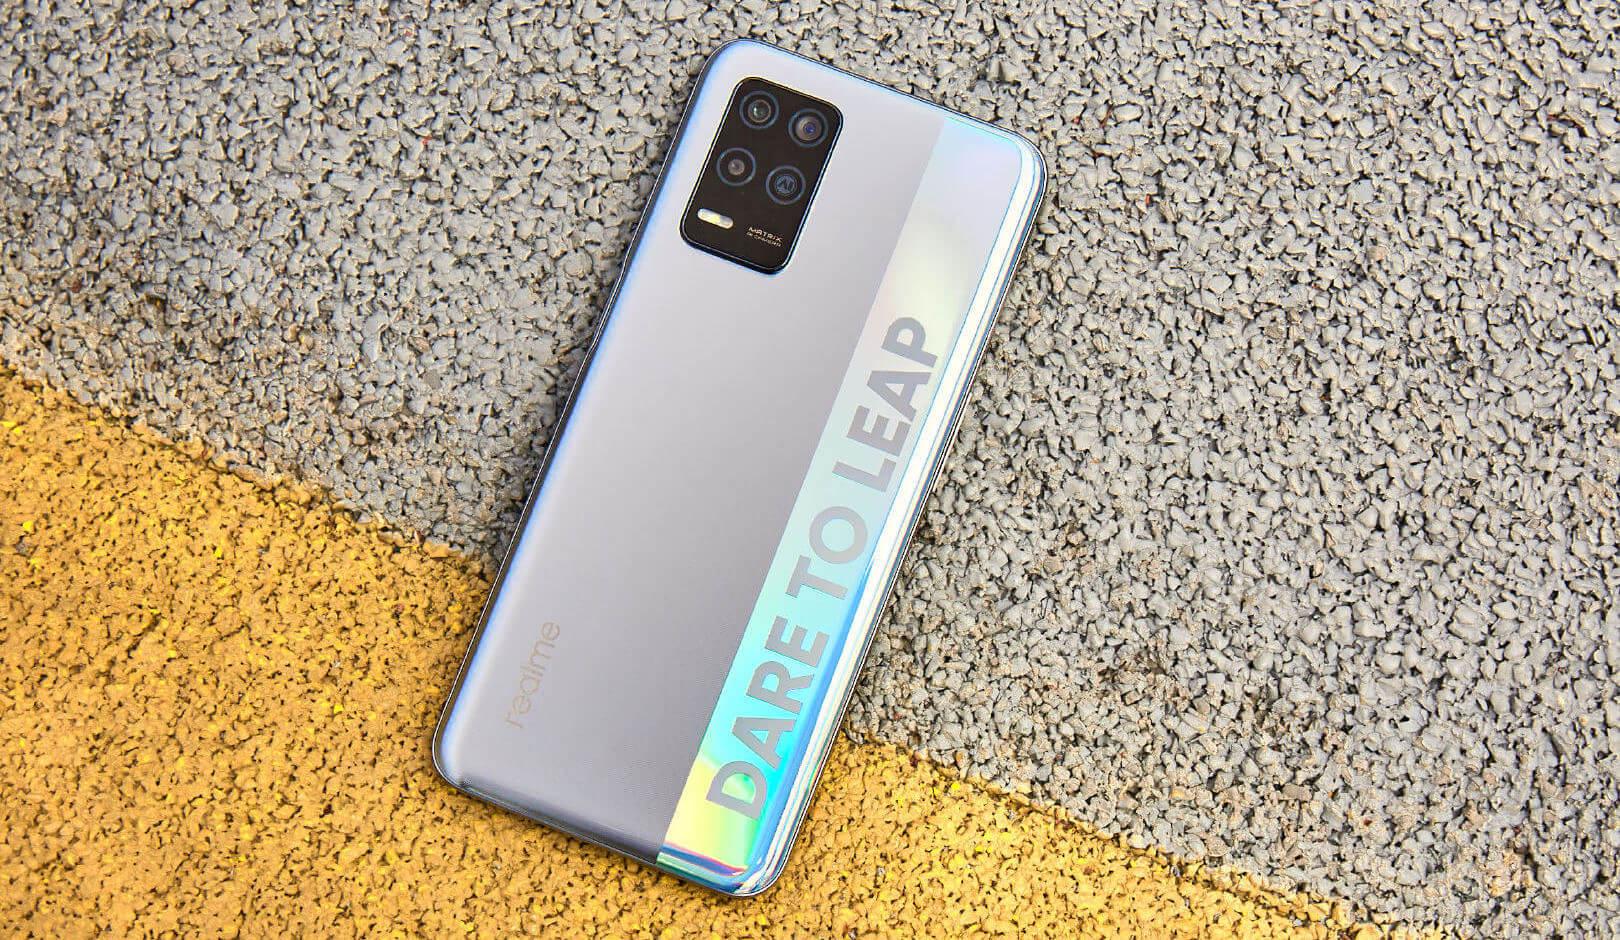 Realme анонсировала серию смартфонов Q3